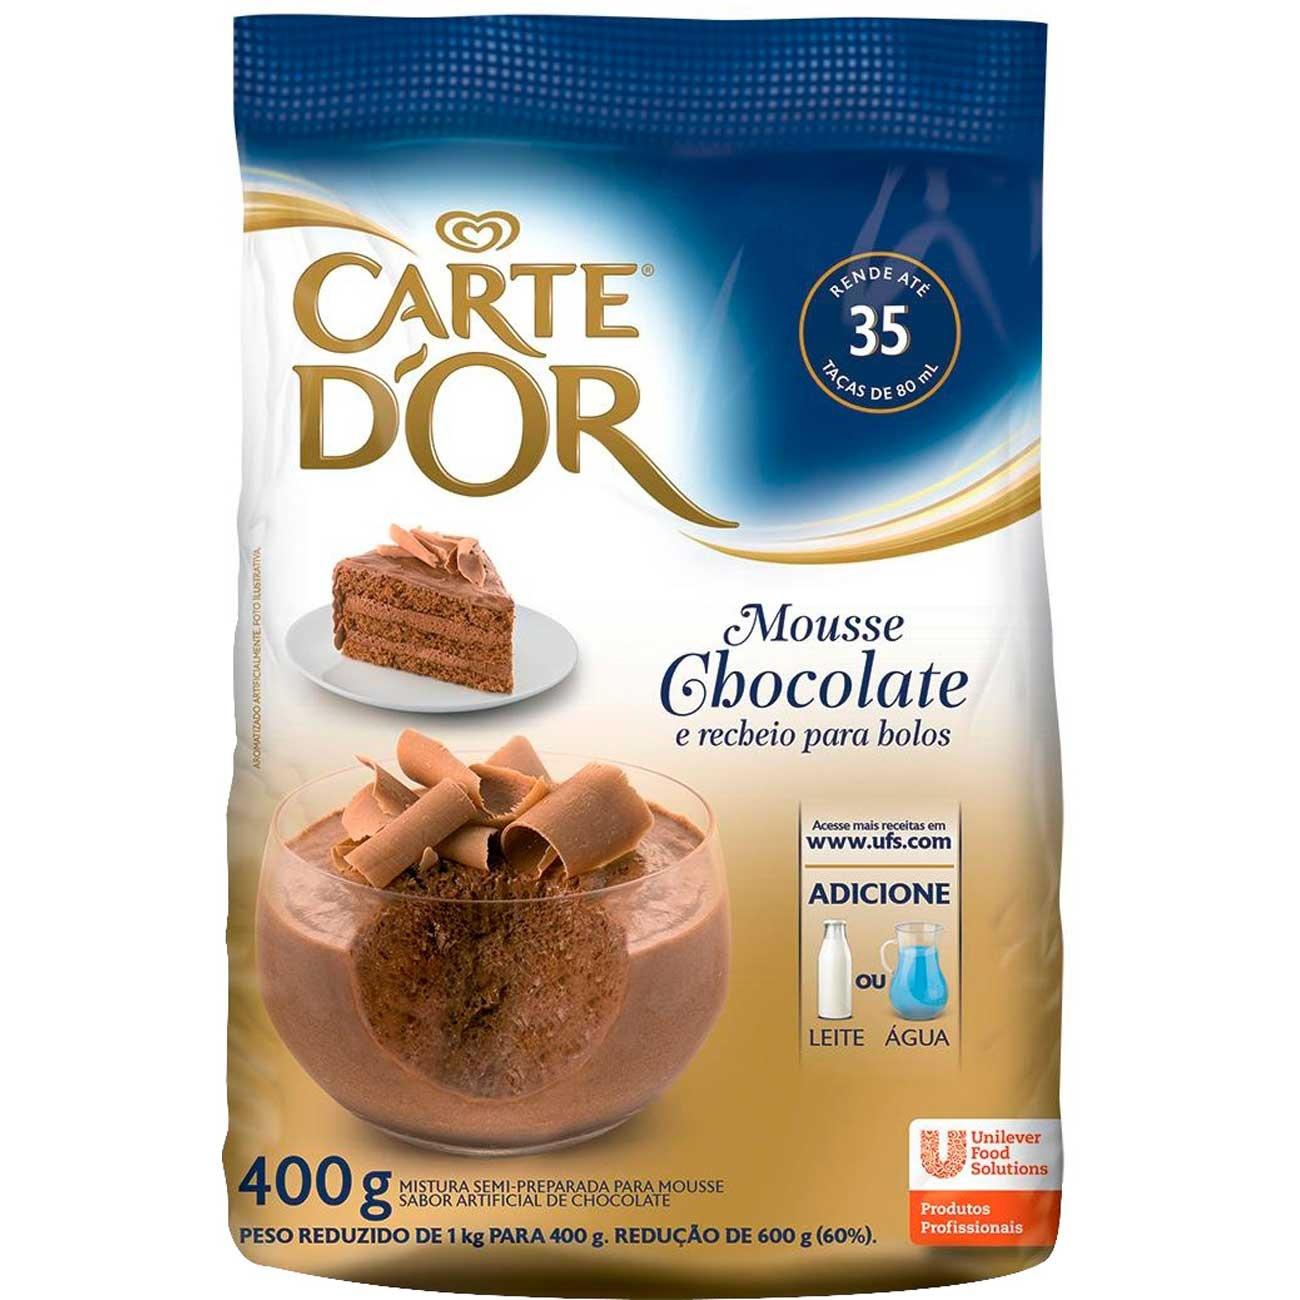 Mousse de Chocolate Carte D'Or 400g